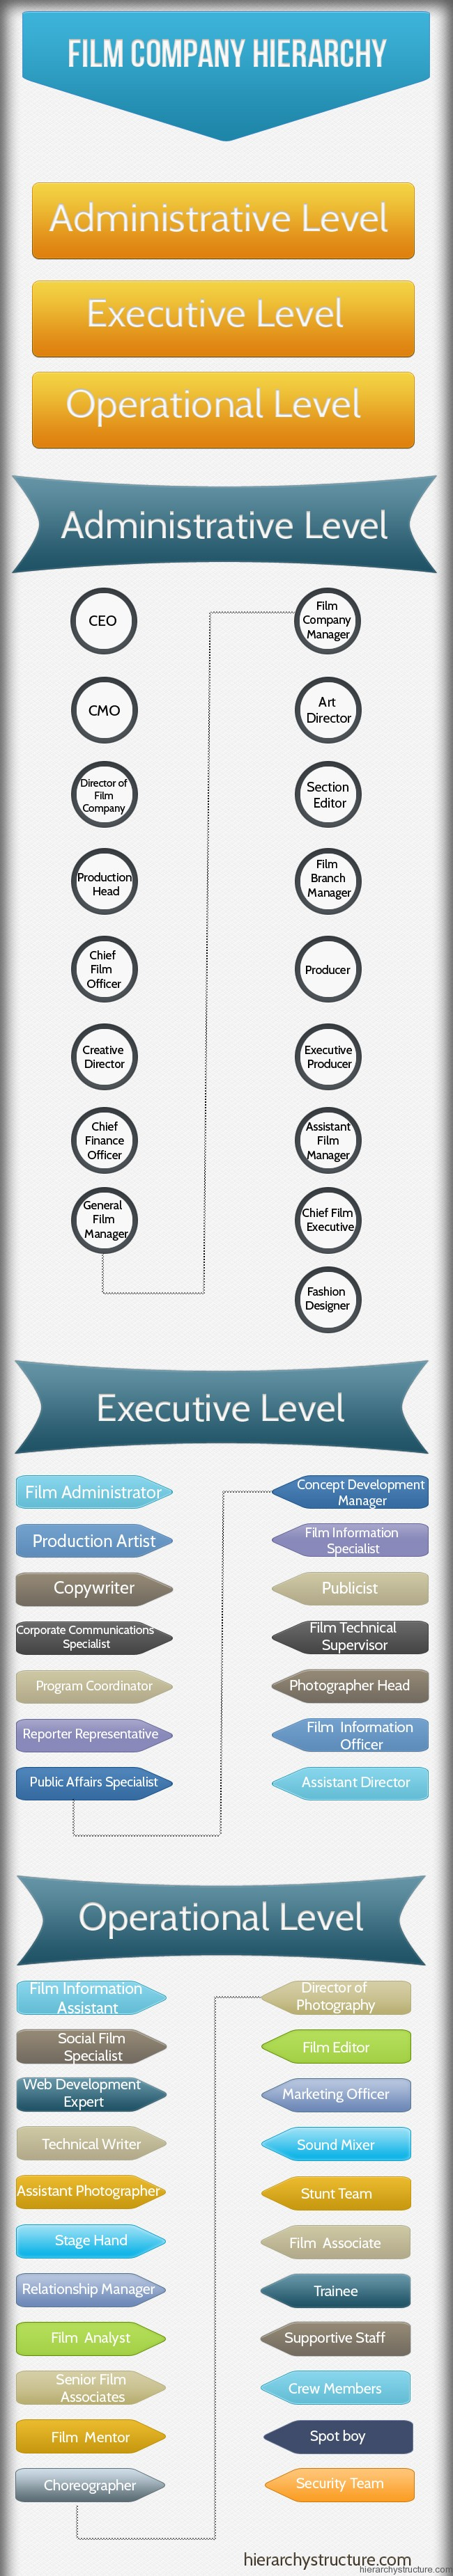 Film Company Hierarchy